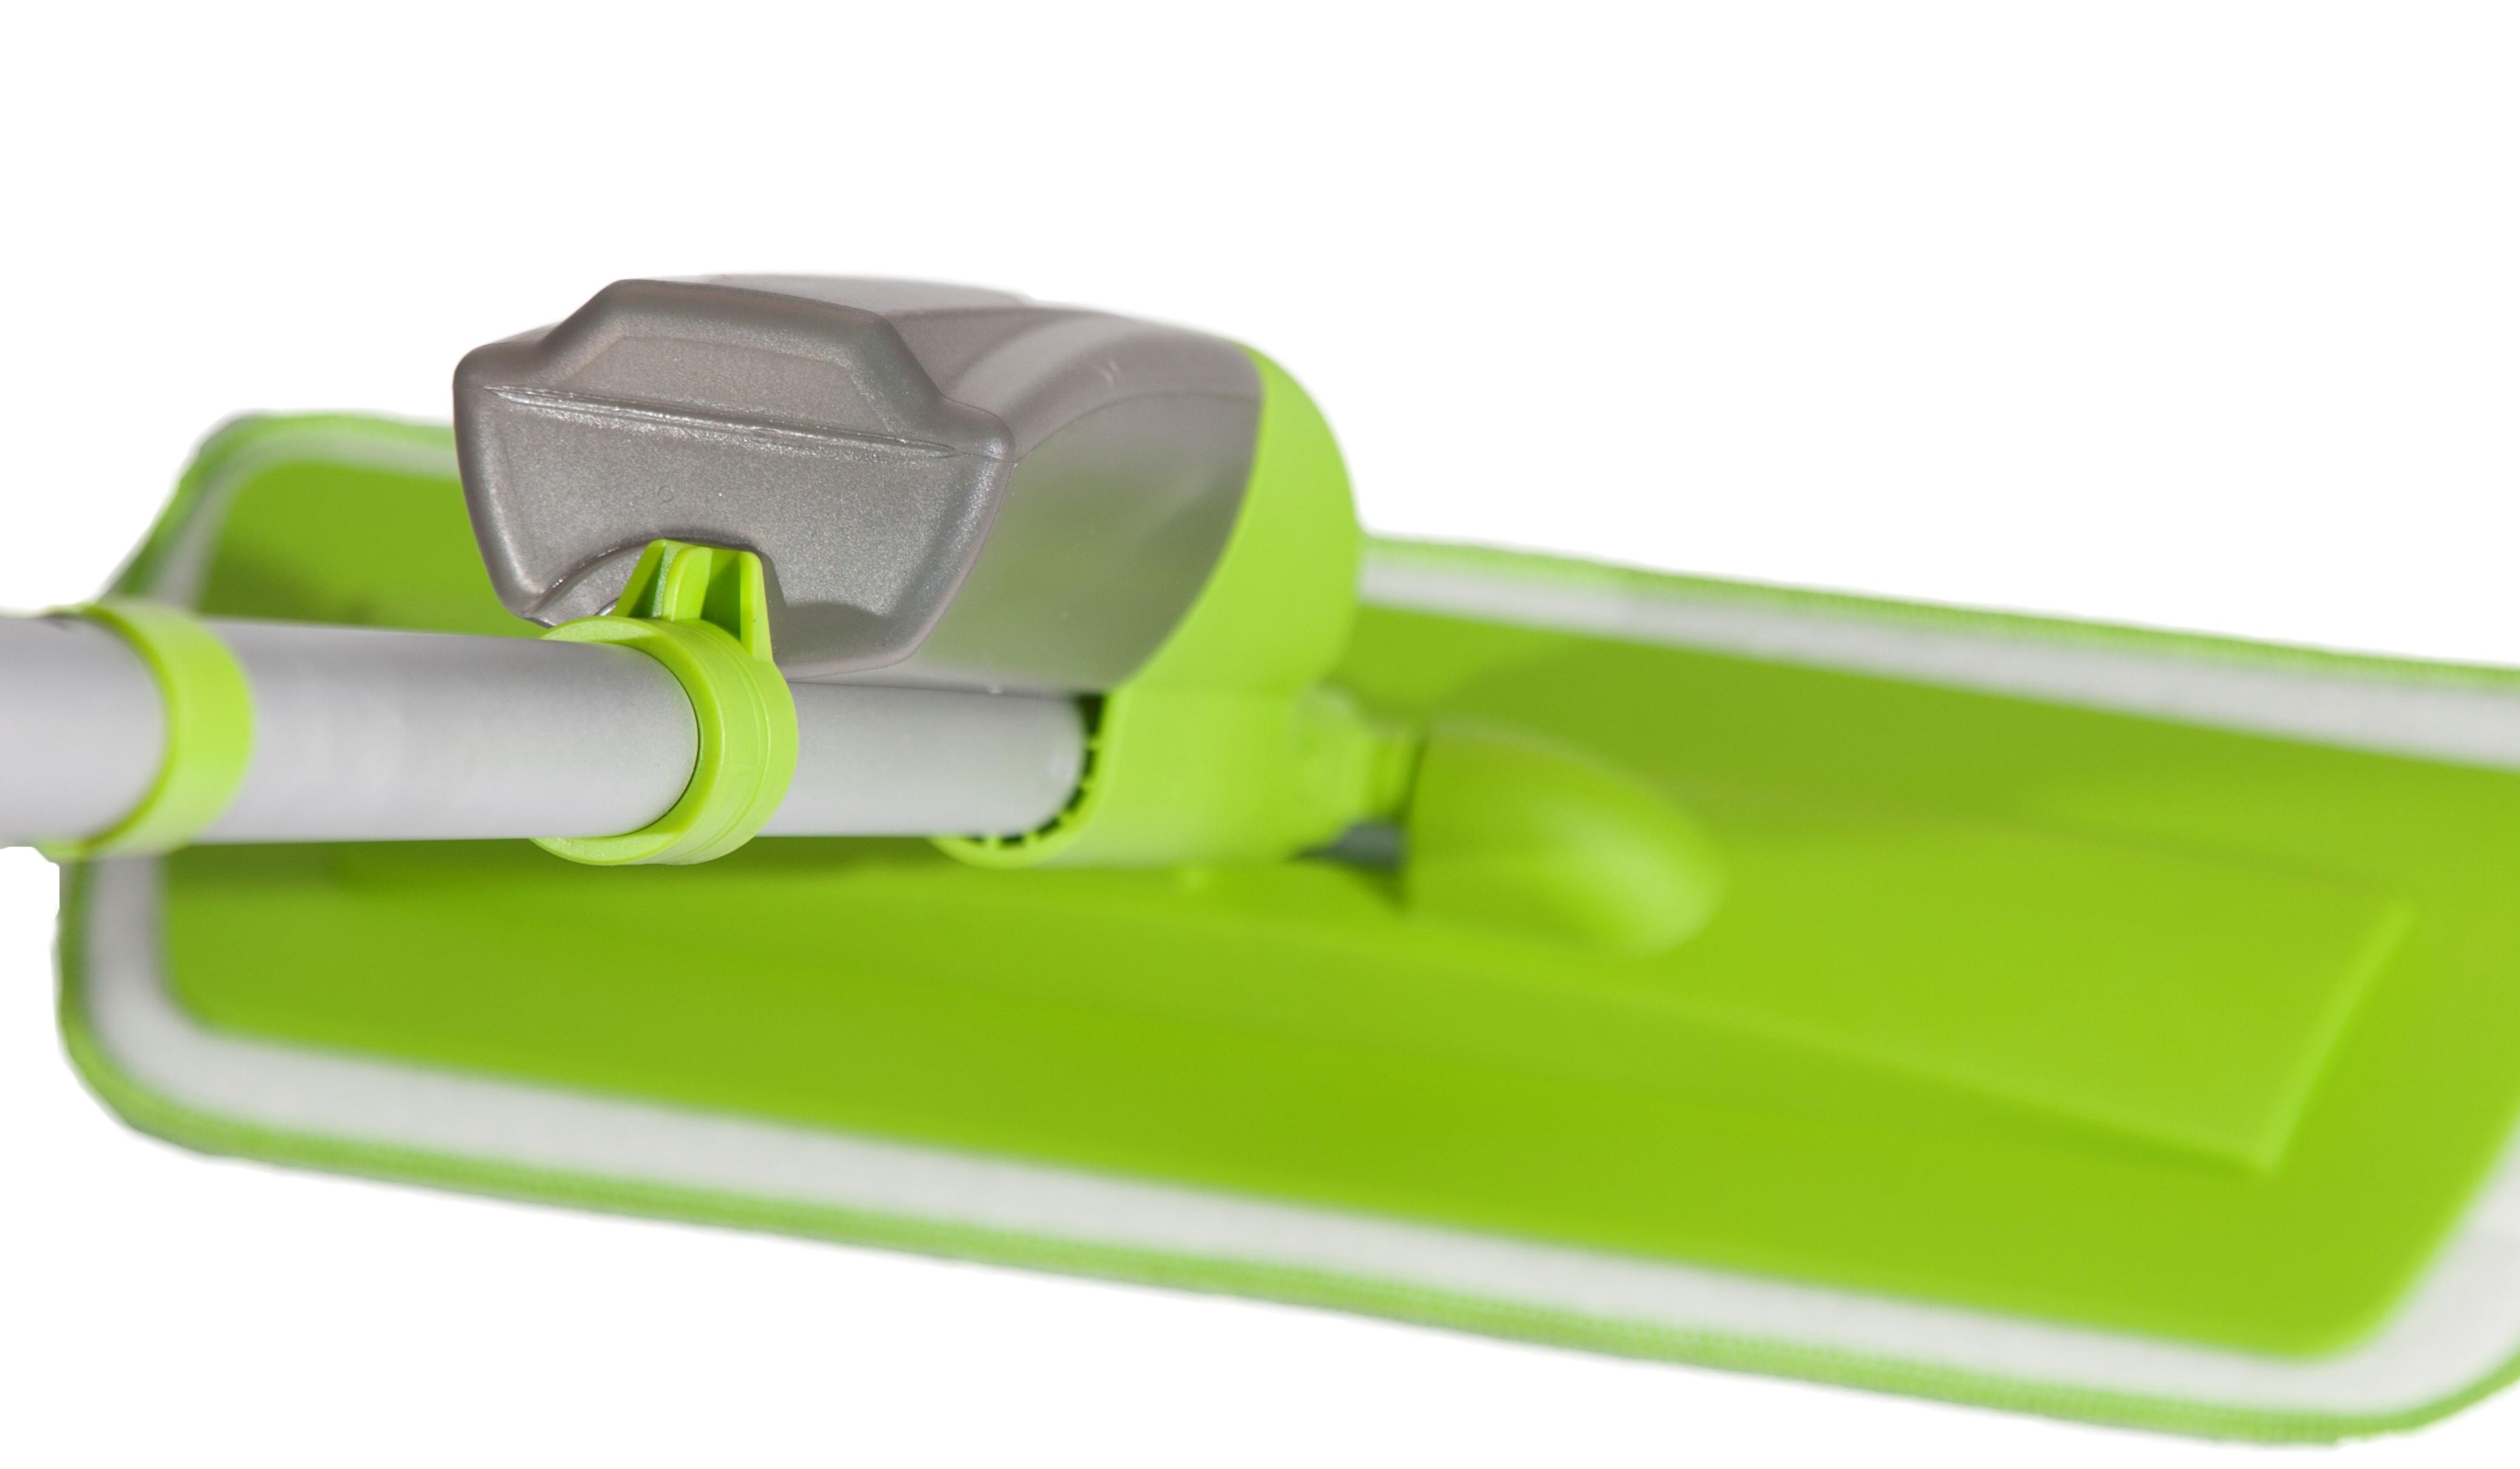 Scopa spray mop per pulire pavimenti e vetri